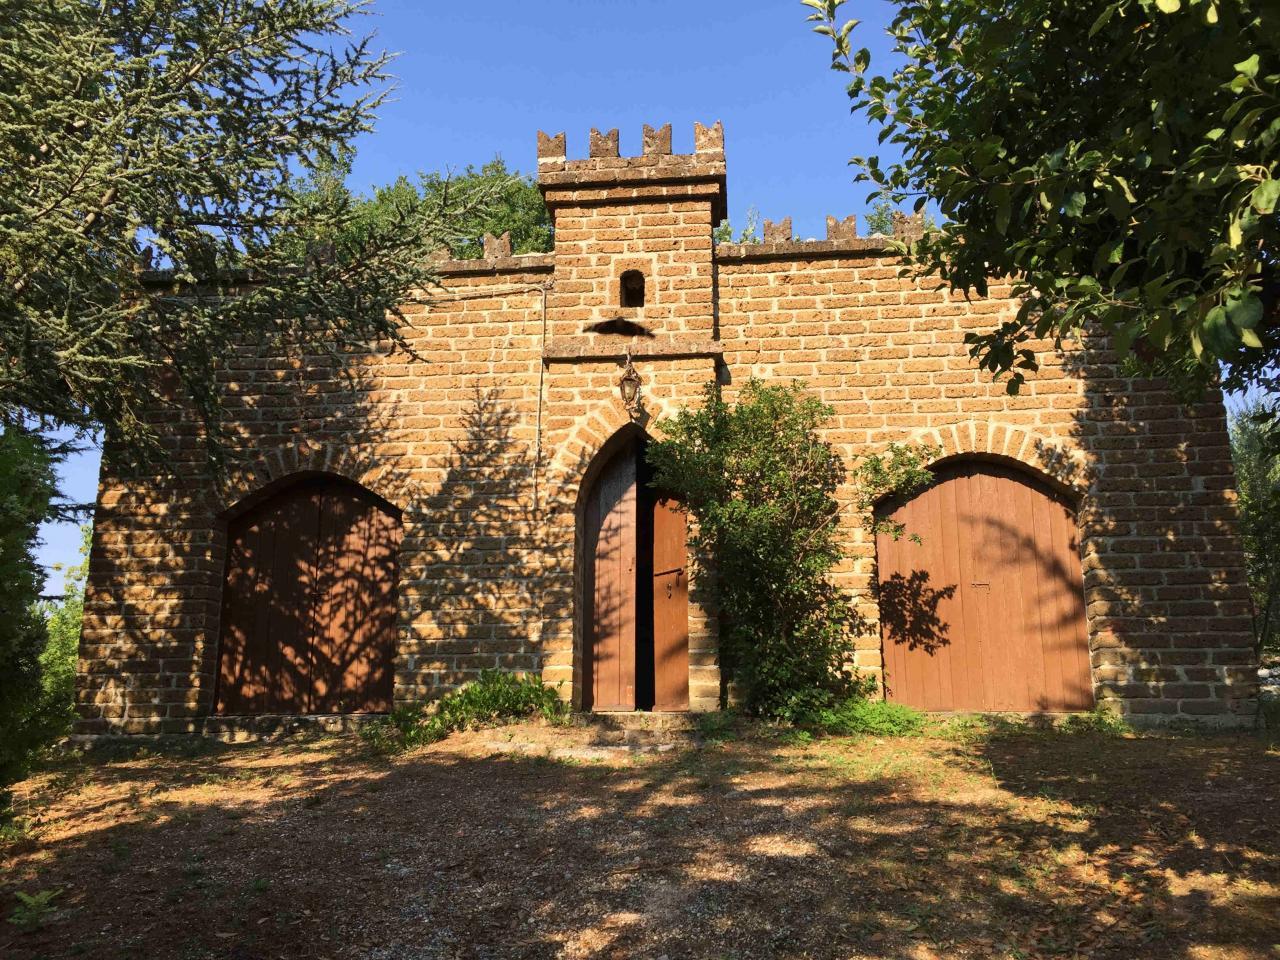 Rustico / Casale in vendita a Fabriano, 3 locali, zona Località: FRAZIONI, prezzo € 65.000 | Cambio Casa.it